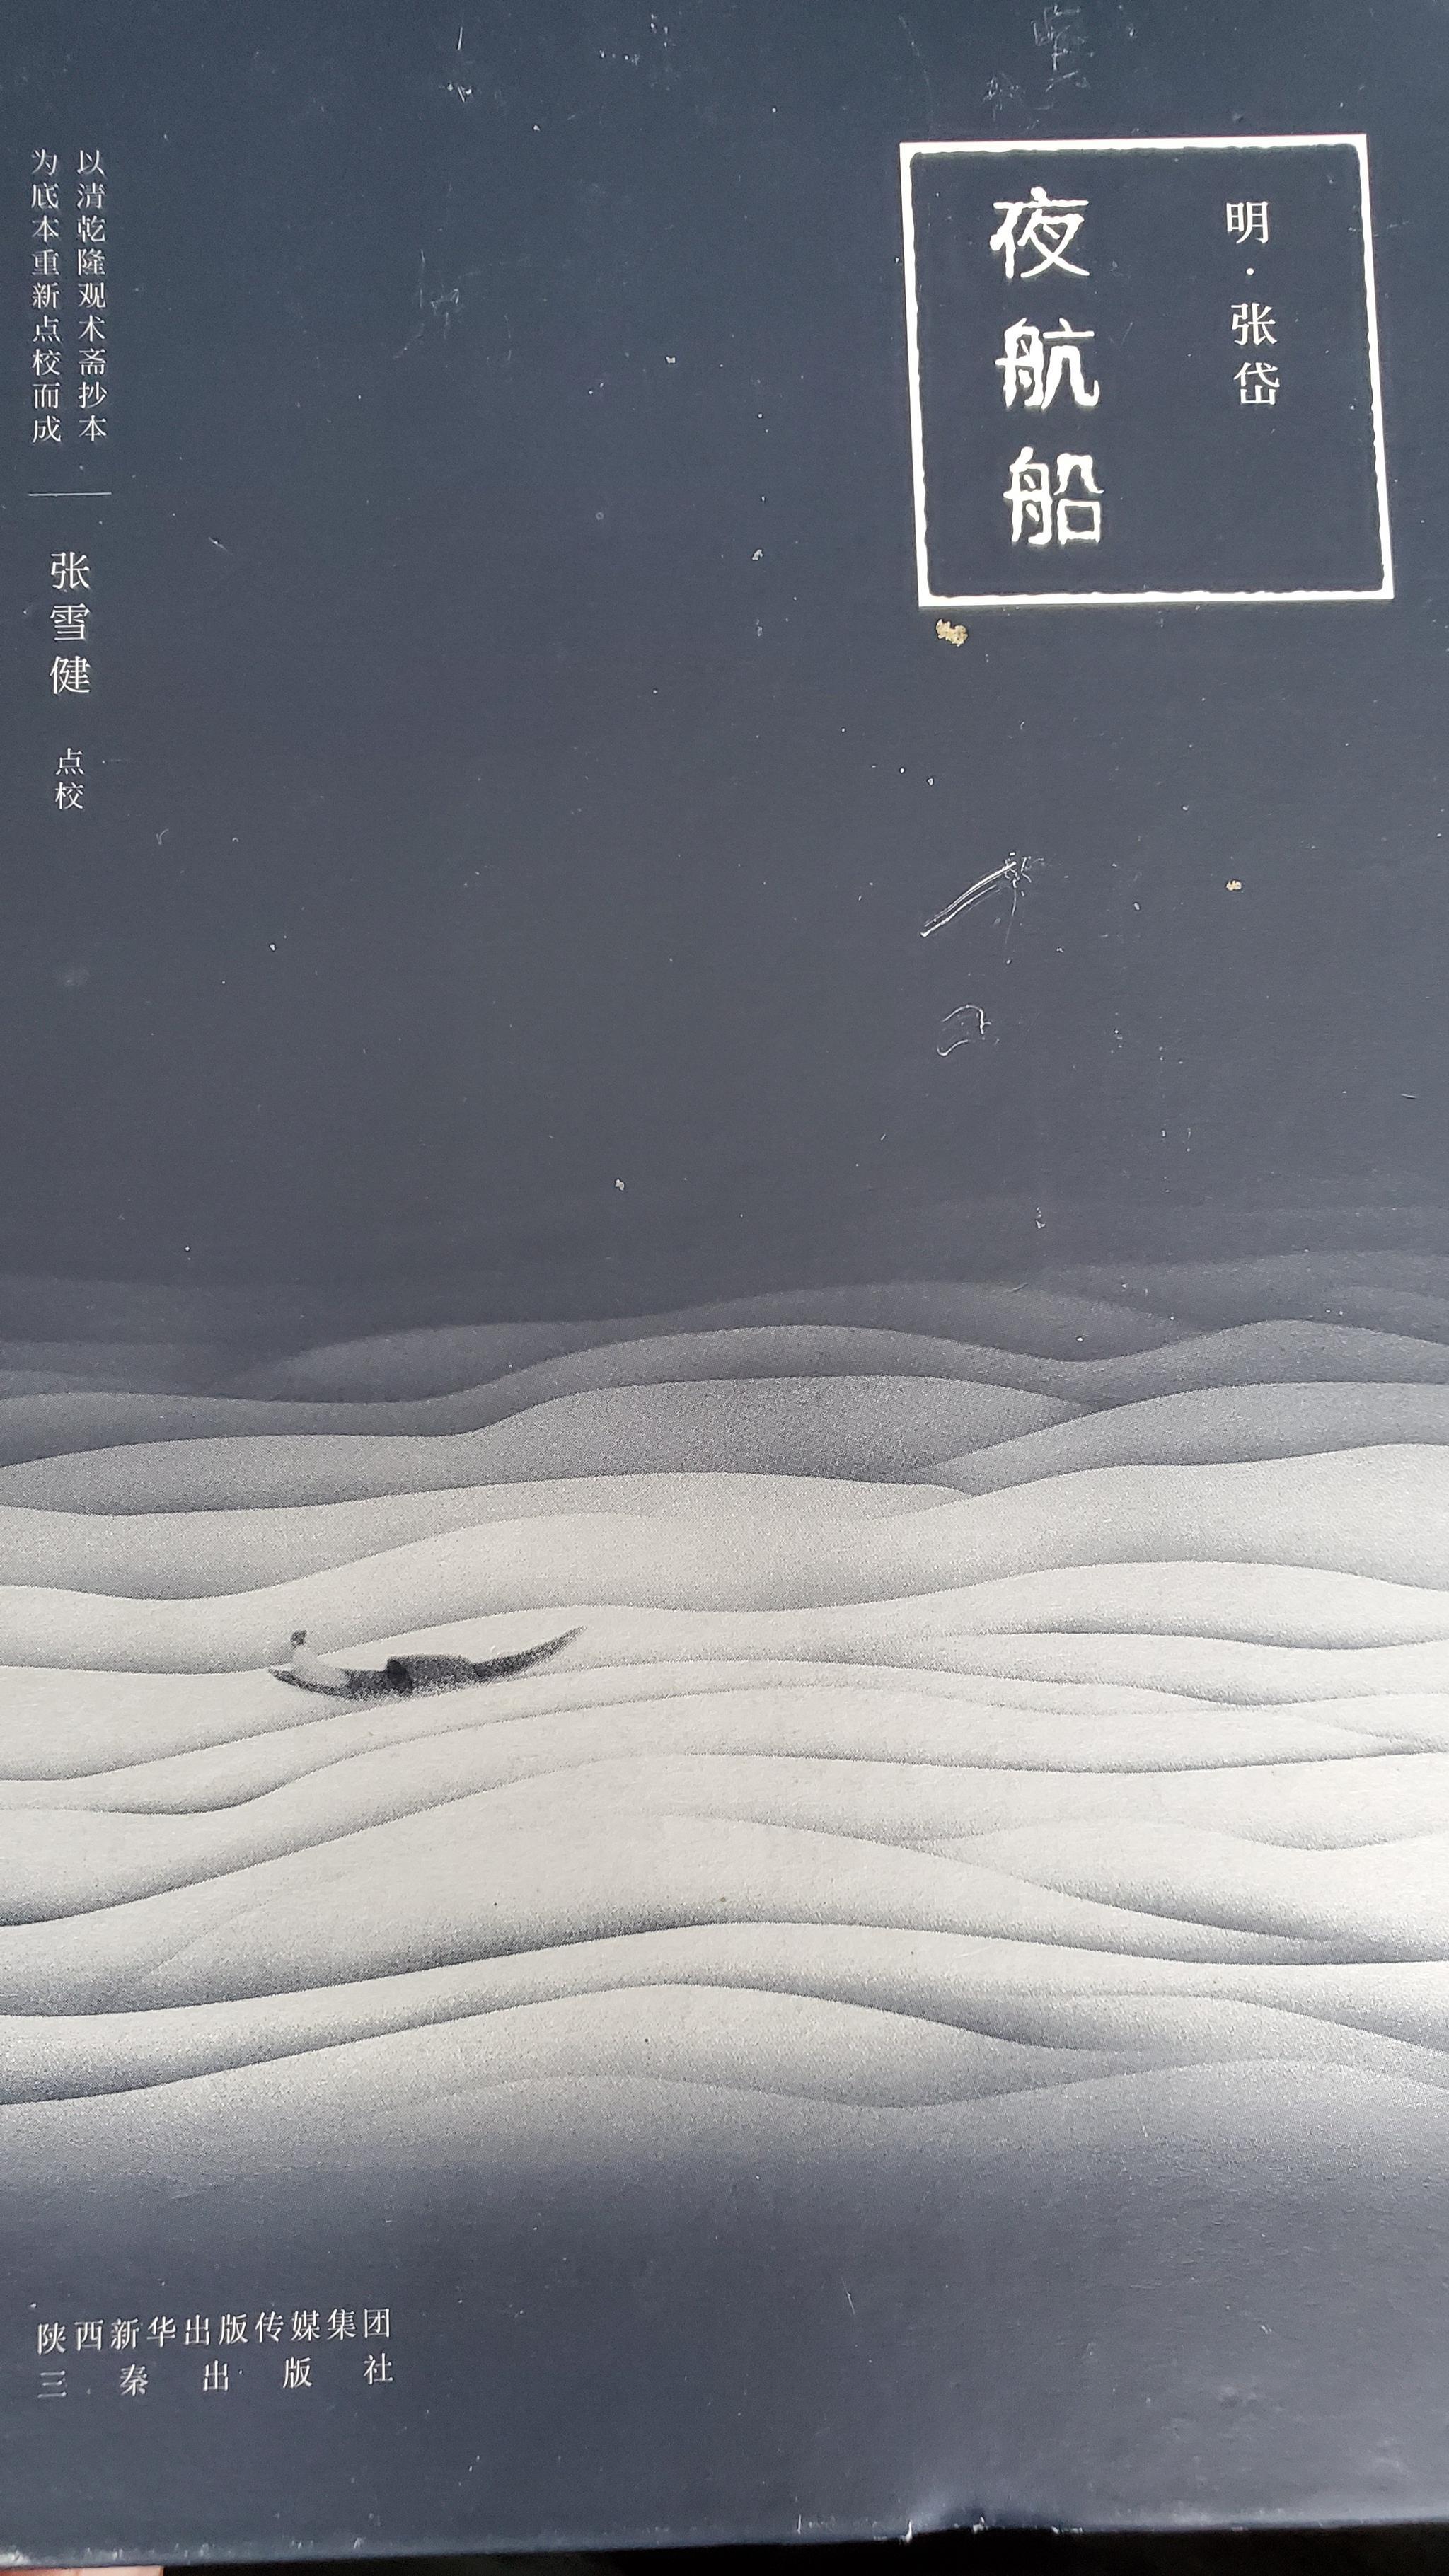 明张岱的《夜航船》,松君兄颇为推荐,书中大抵是一些典故和词义